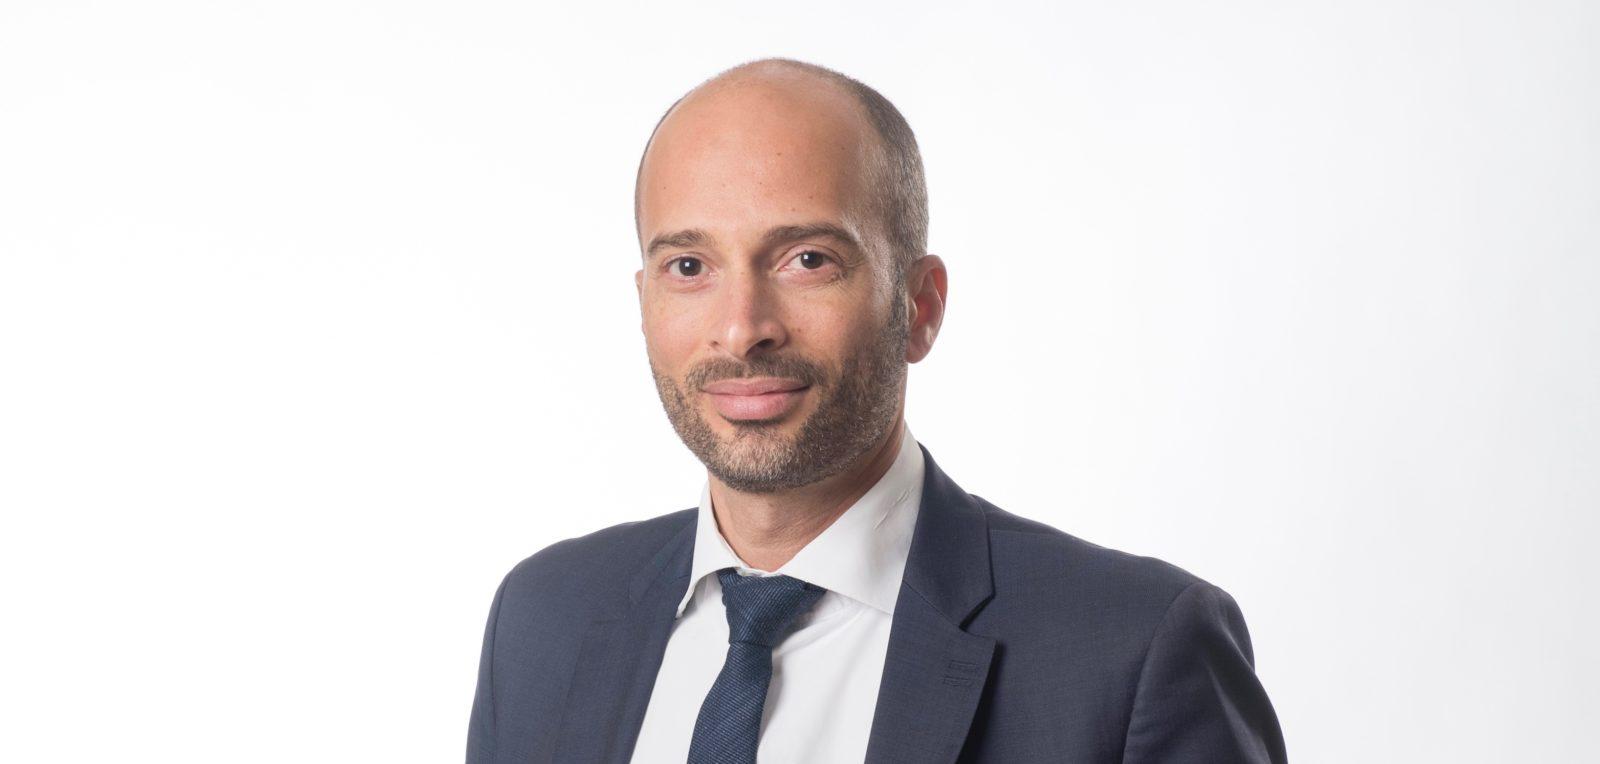 Maître Xavier Diserens – avocat, entre stratégie et réactivité